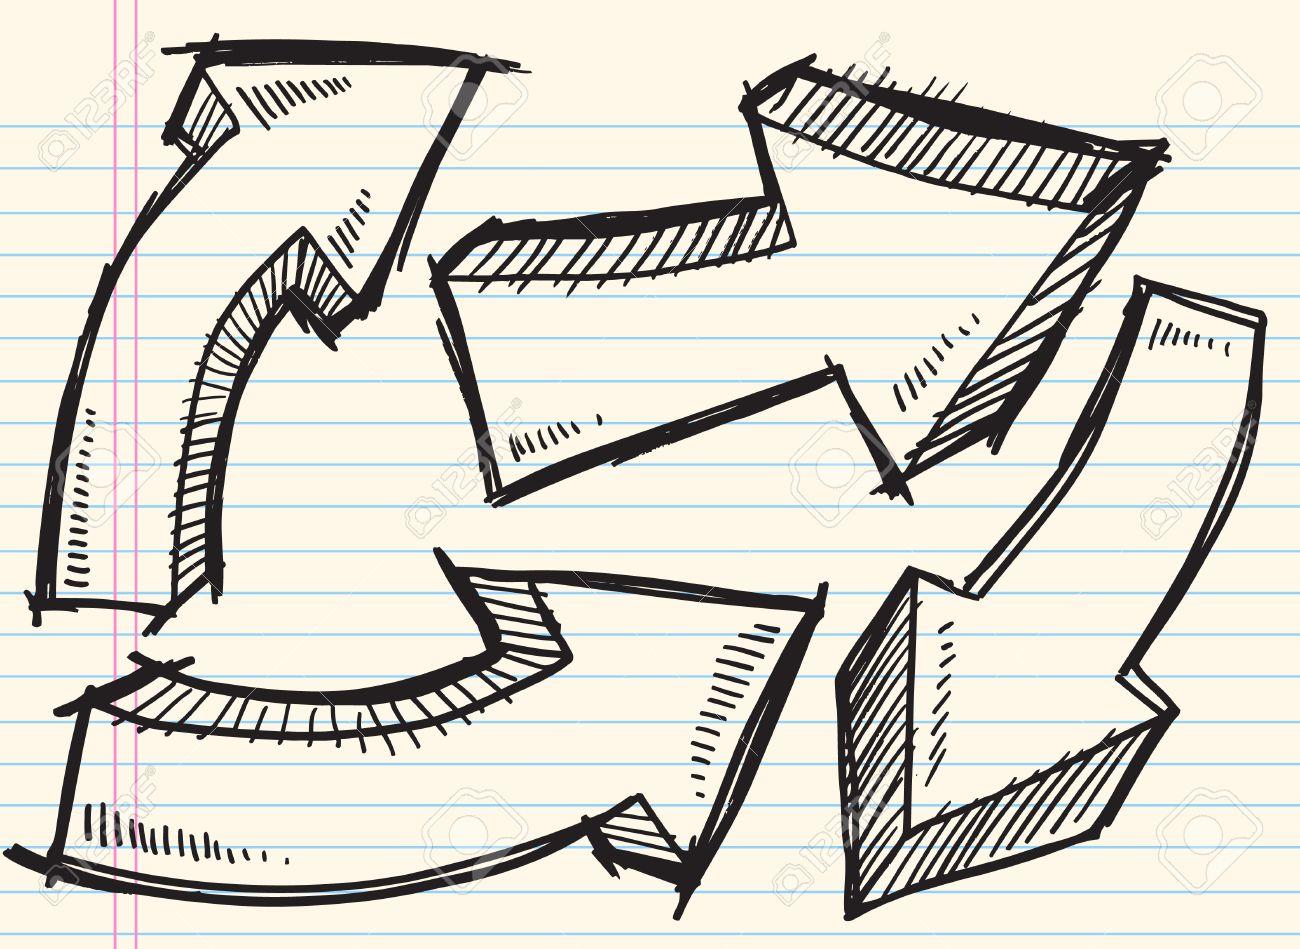 Doodle Sketch Arrow Set Illustration - 6883624